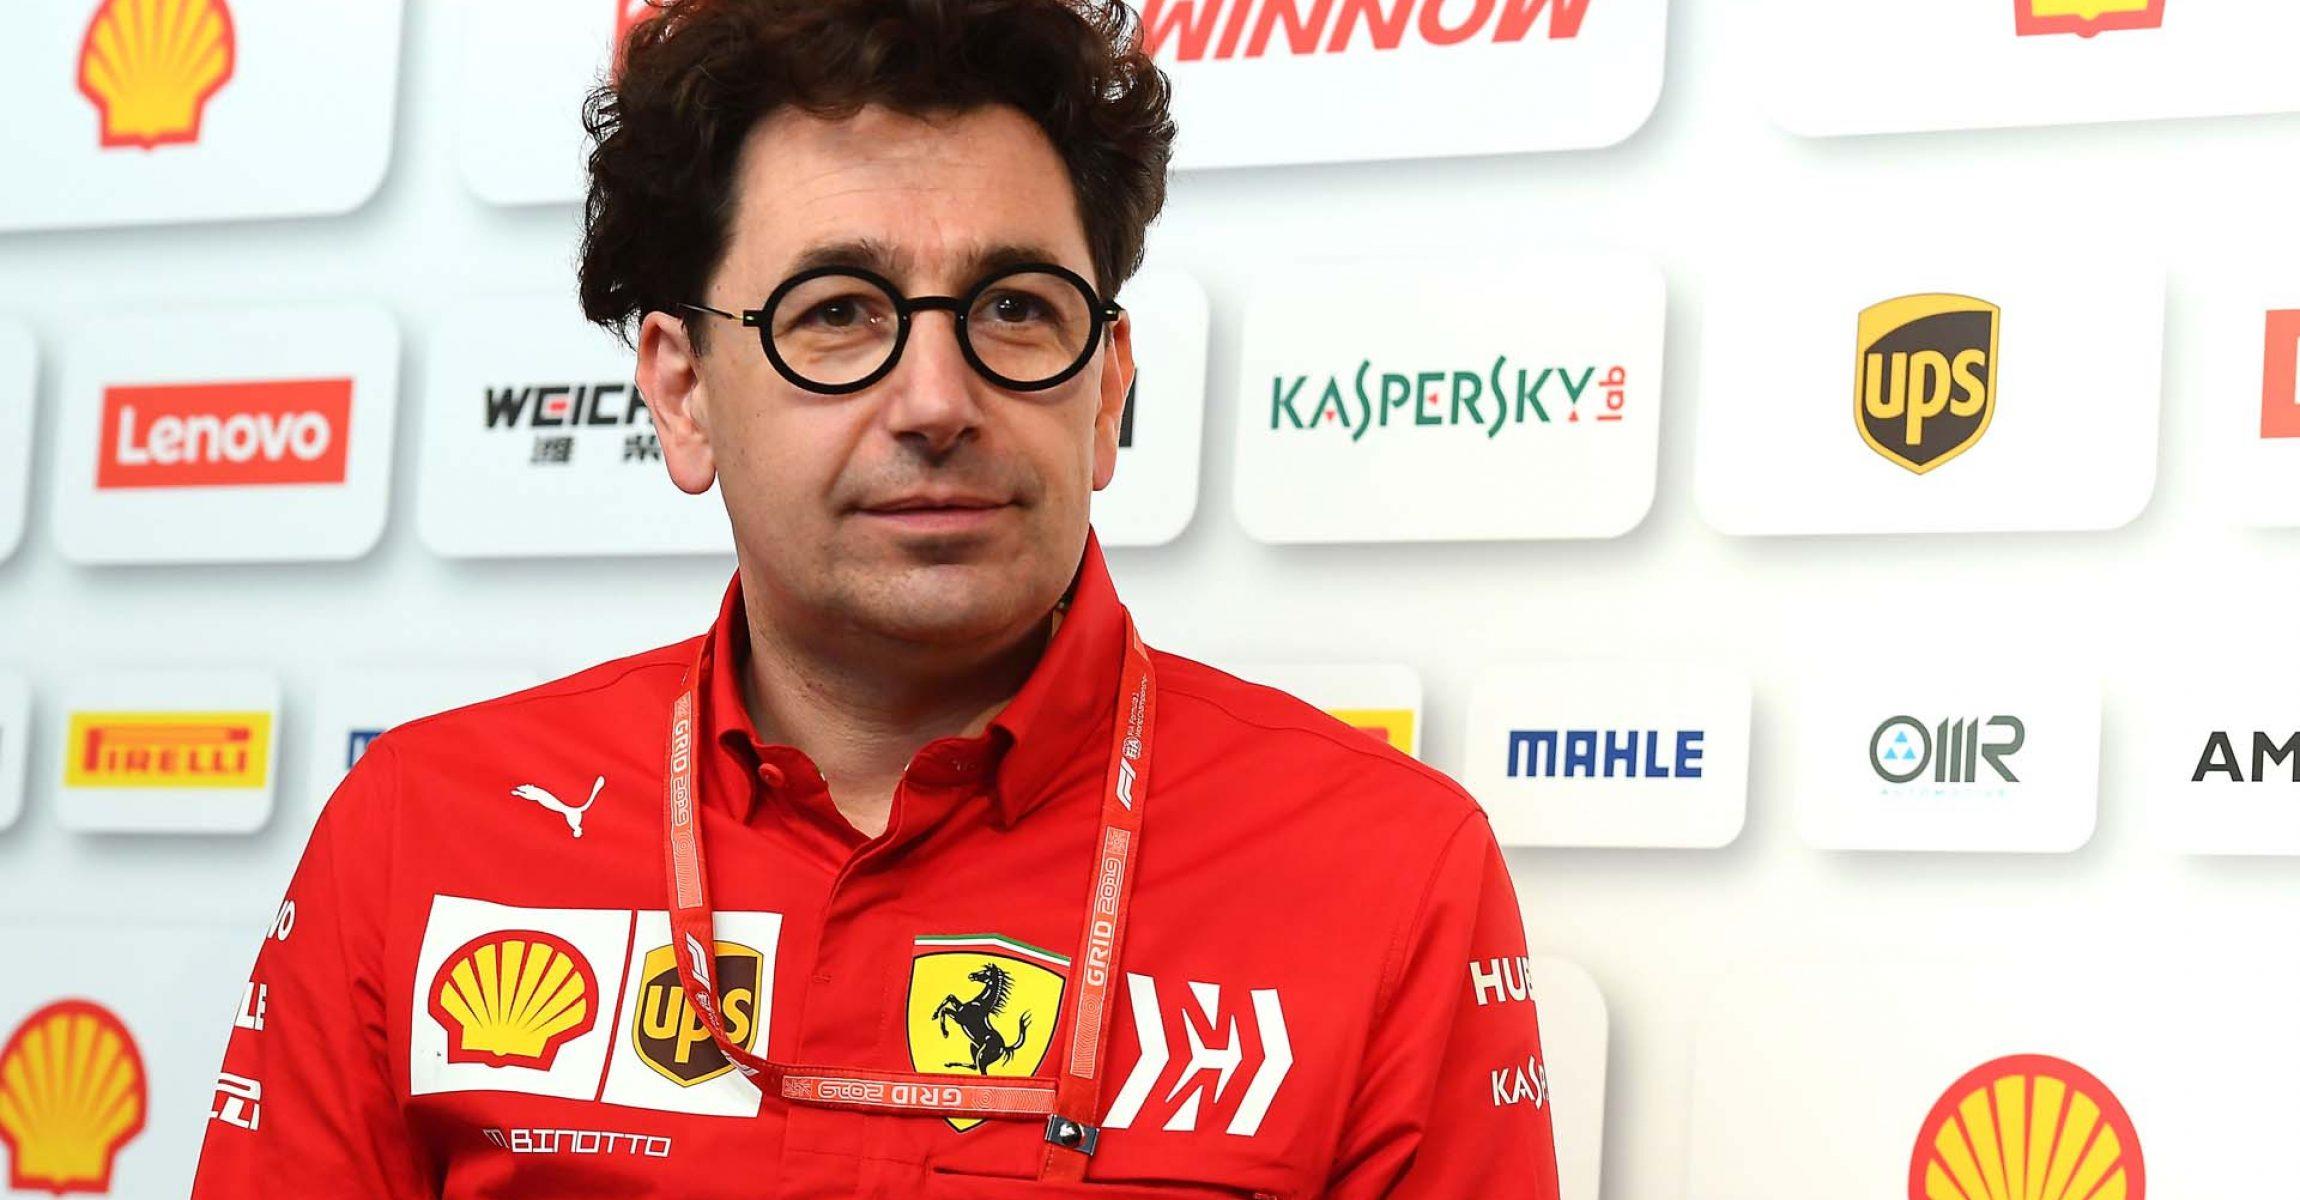 GP MONACO  F1/2019 - SABATO 25/05/2019  credit: @Scuderia Ferrari Press Office Mattia Binotto Ferrari